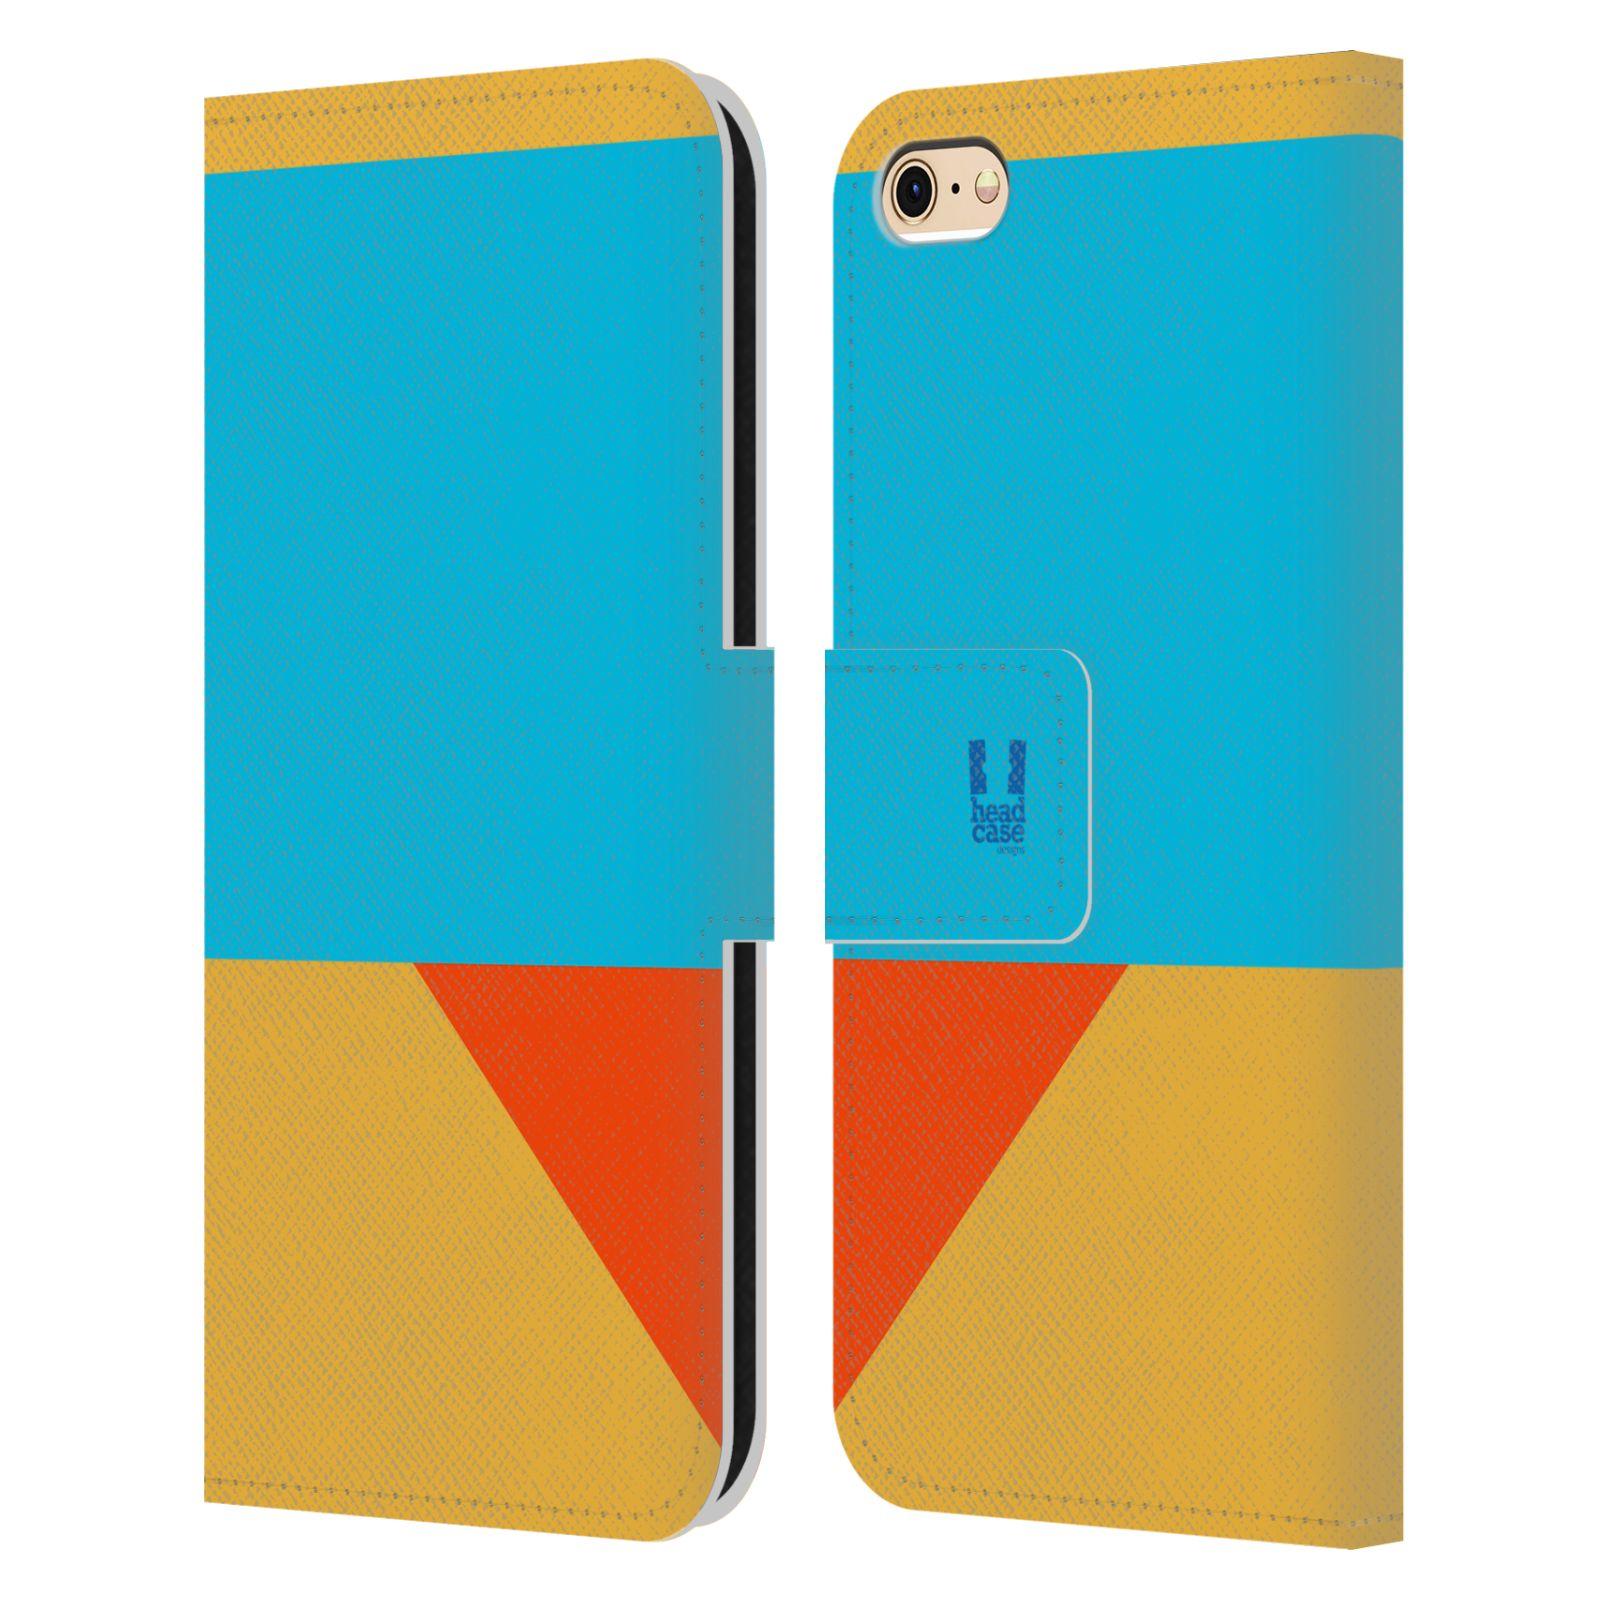 HEAD CASE Flipové pouzdro pro mobil Apple Iphone 6/6s barevné tvary béžová a modrá DAY WEAR